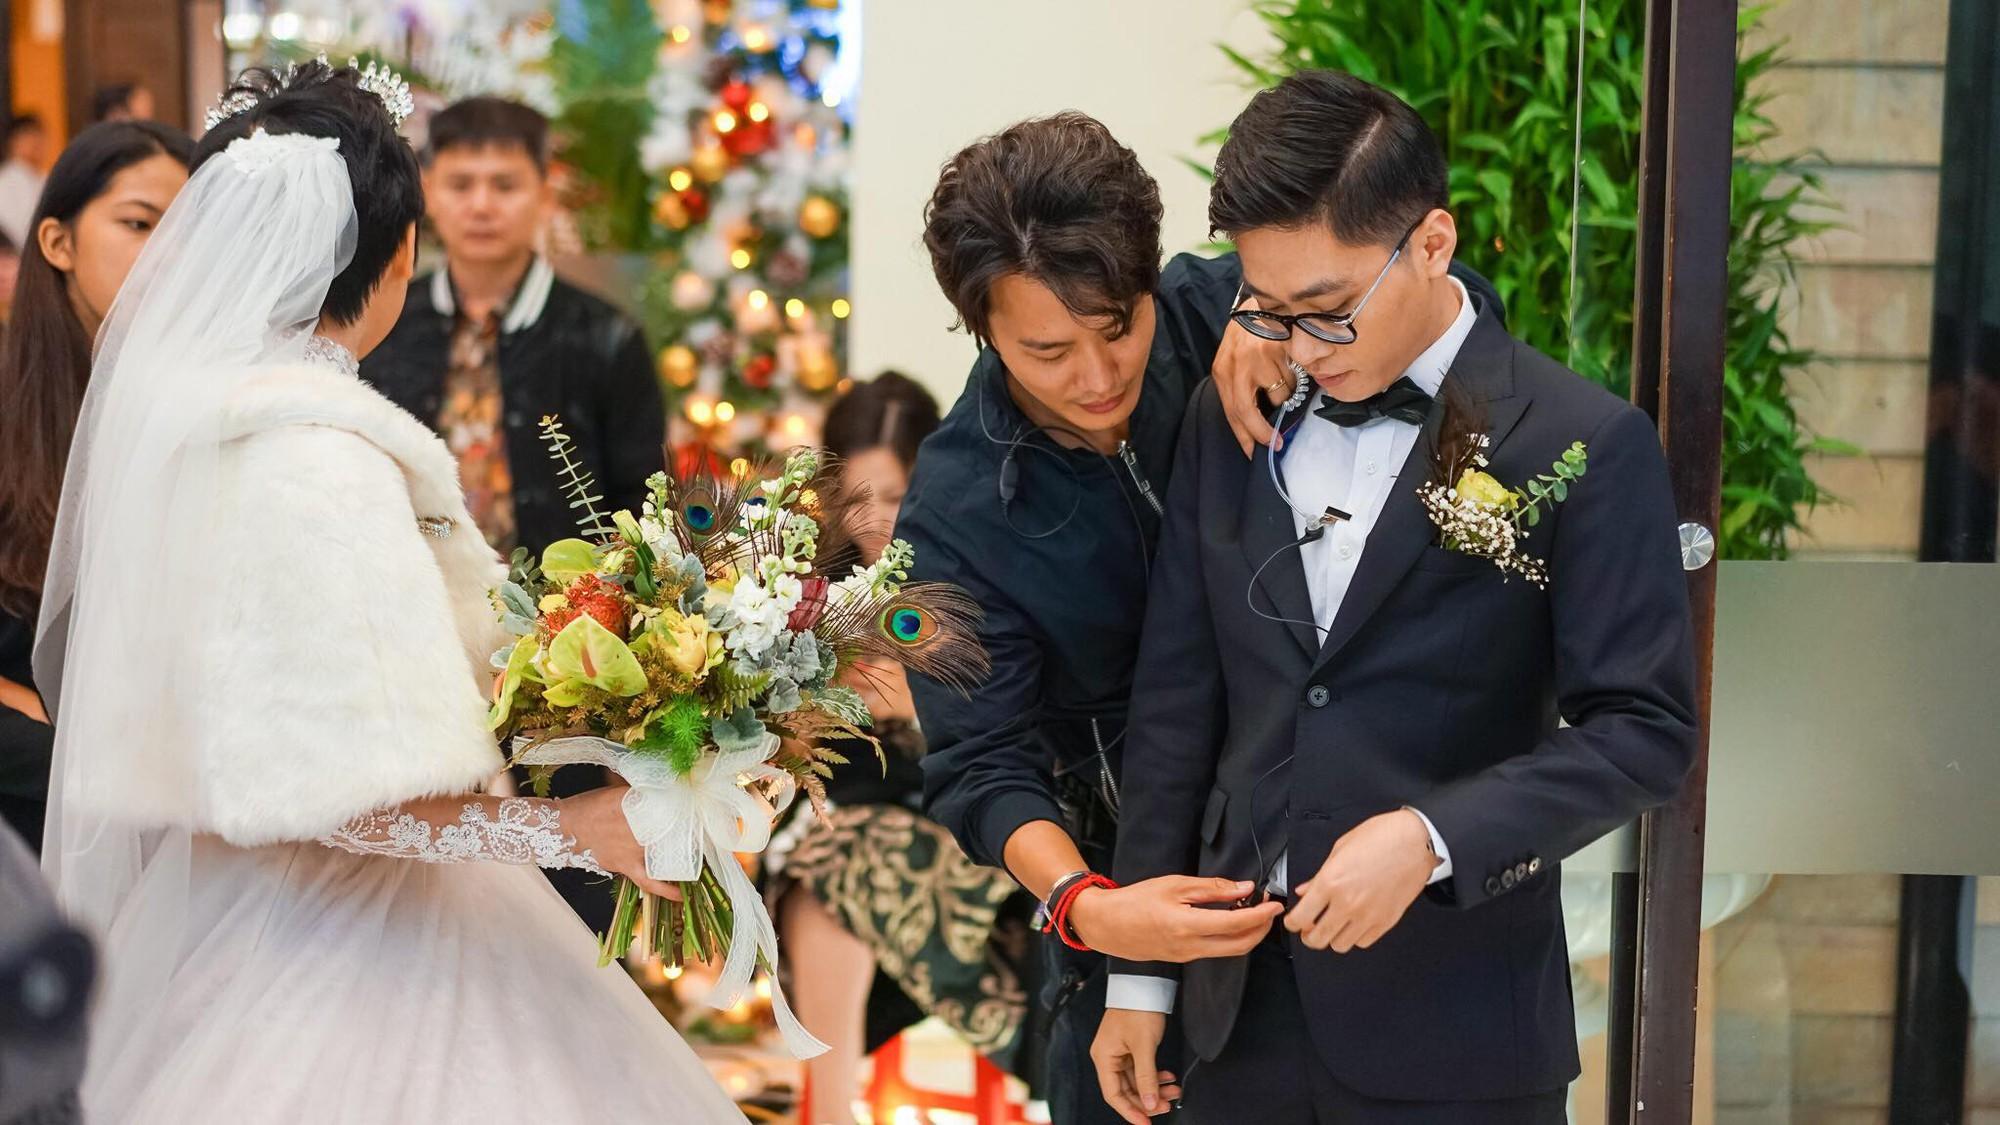 Xôn xao siêu đám cưới 4,6 tỷ ở Hải Phòng: Chú rể cưỡi bạch mã siêu xe Maybach trị giá triệu đô đón cô dâu đến hôn trường lãng mạn như truyện cổ tích - Ảnh 10.